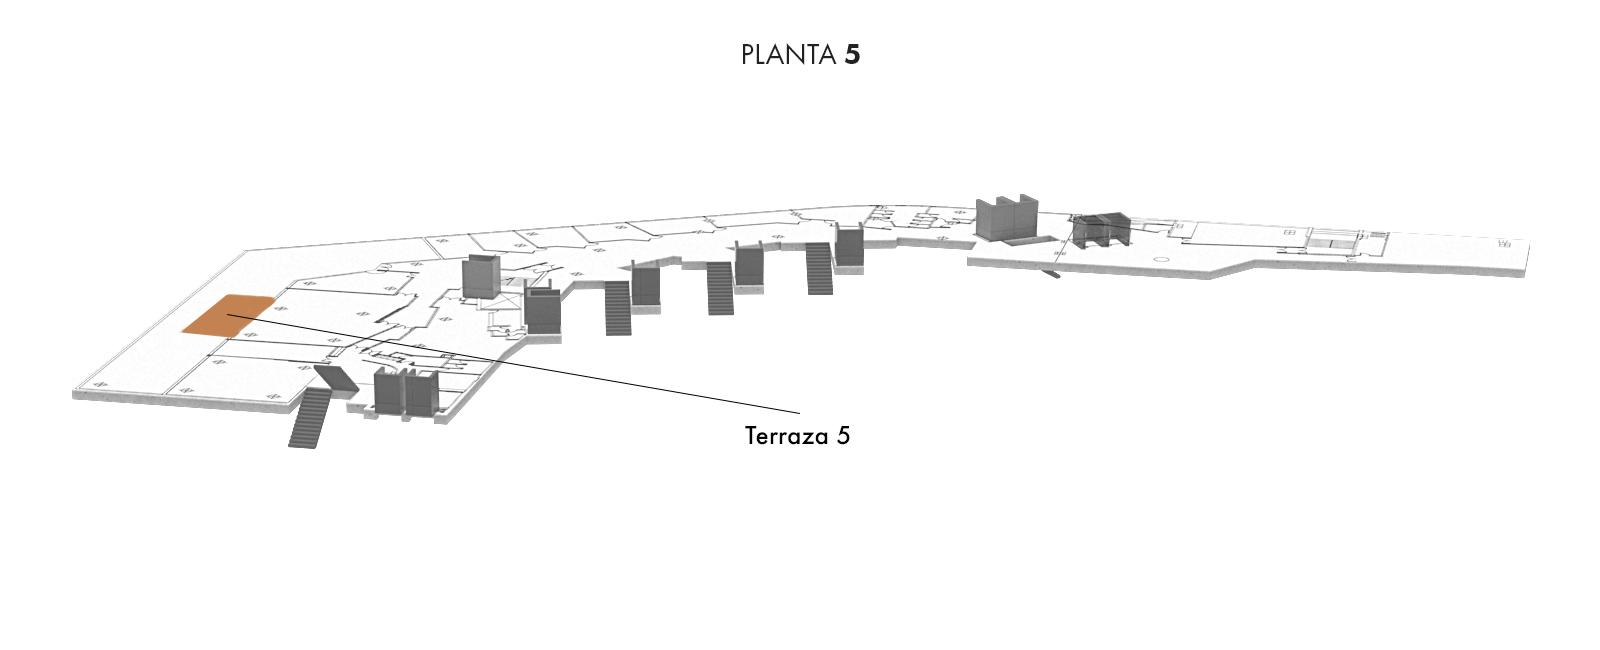 Terraza 5, Planta 5   Palacio Euskalduna Jauregia